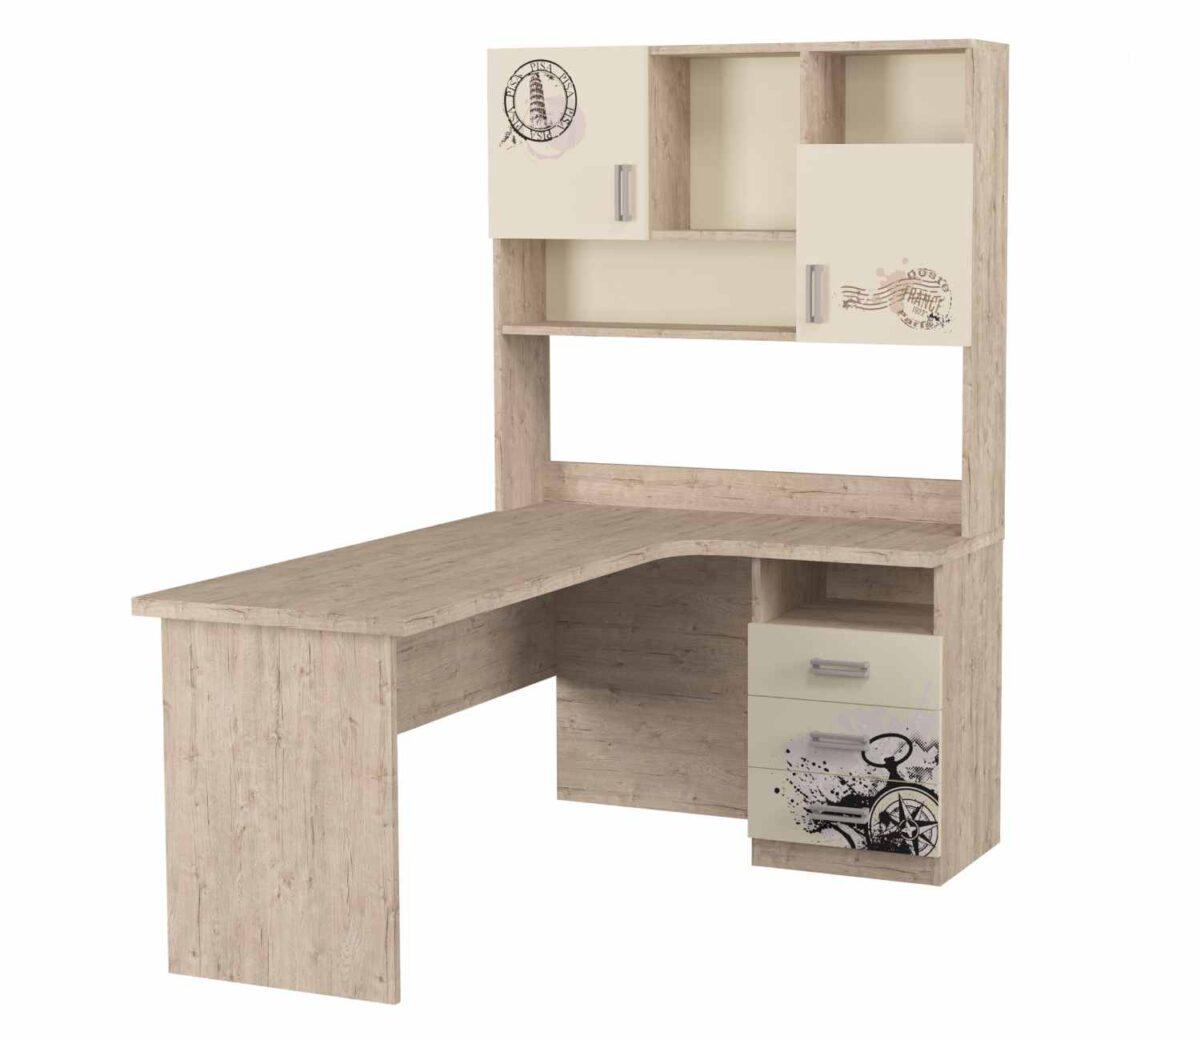 угловой стол с надстройкой и рисунком ваниль